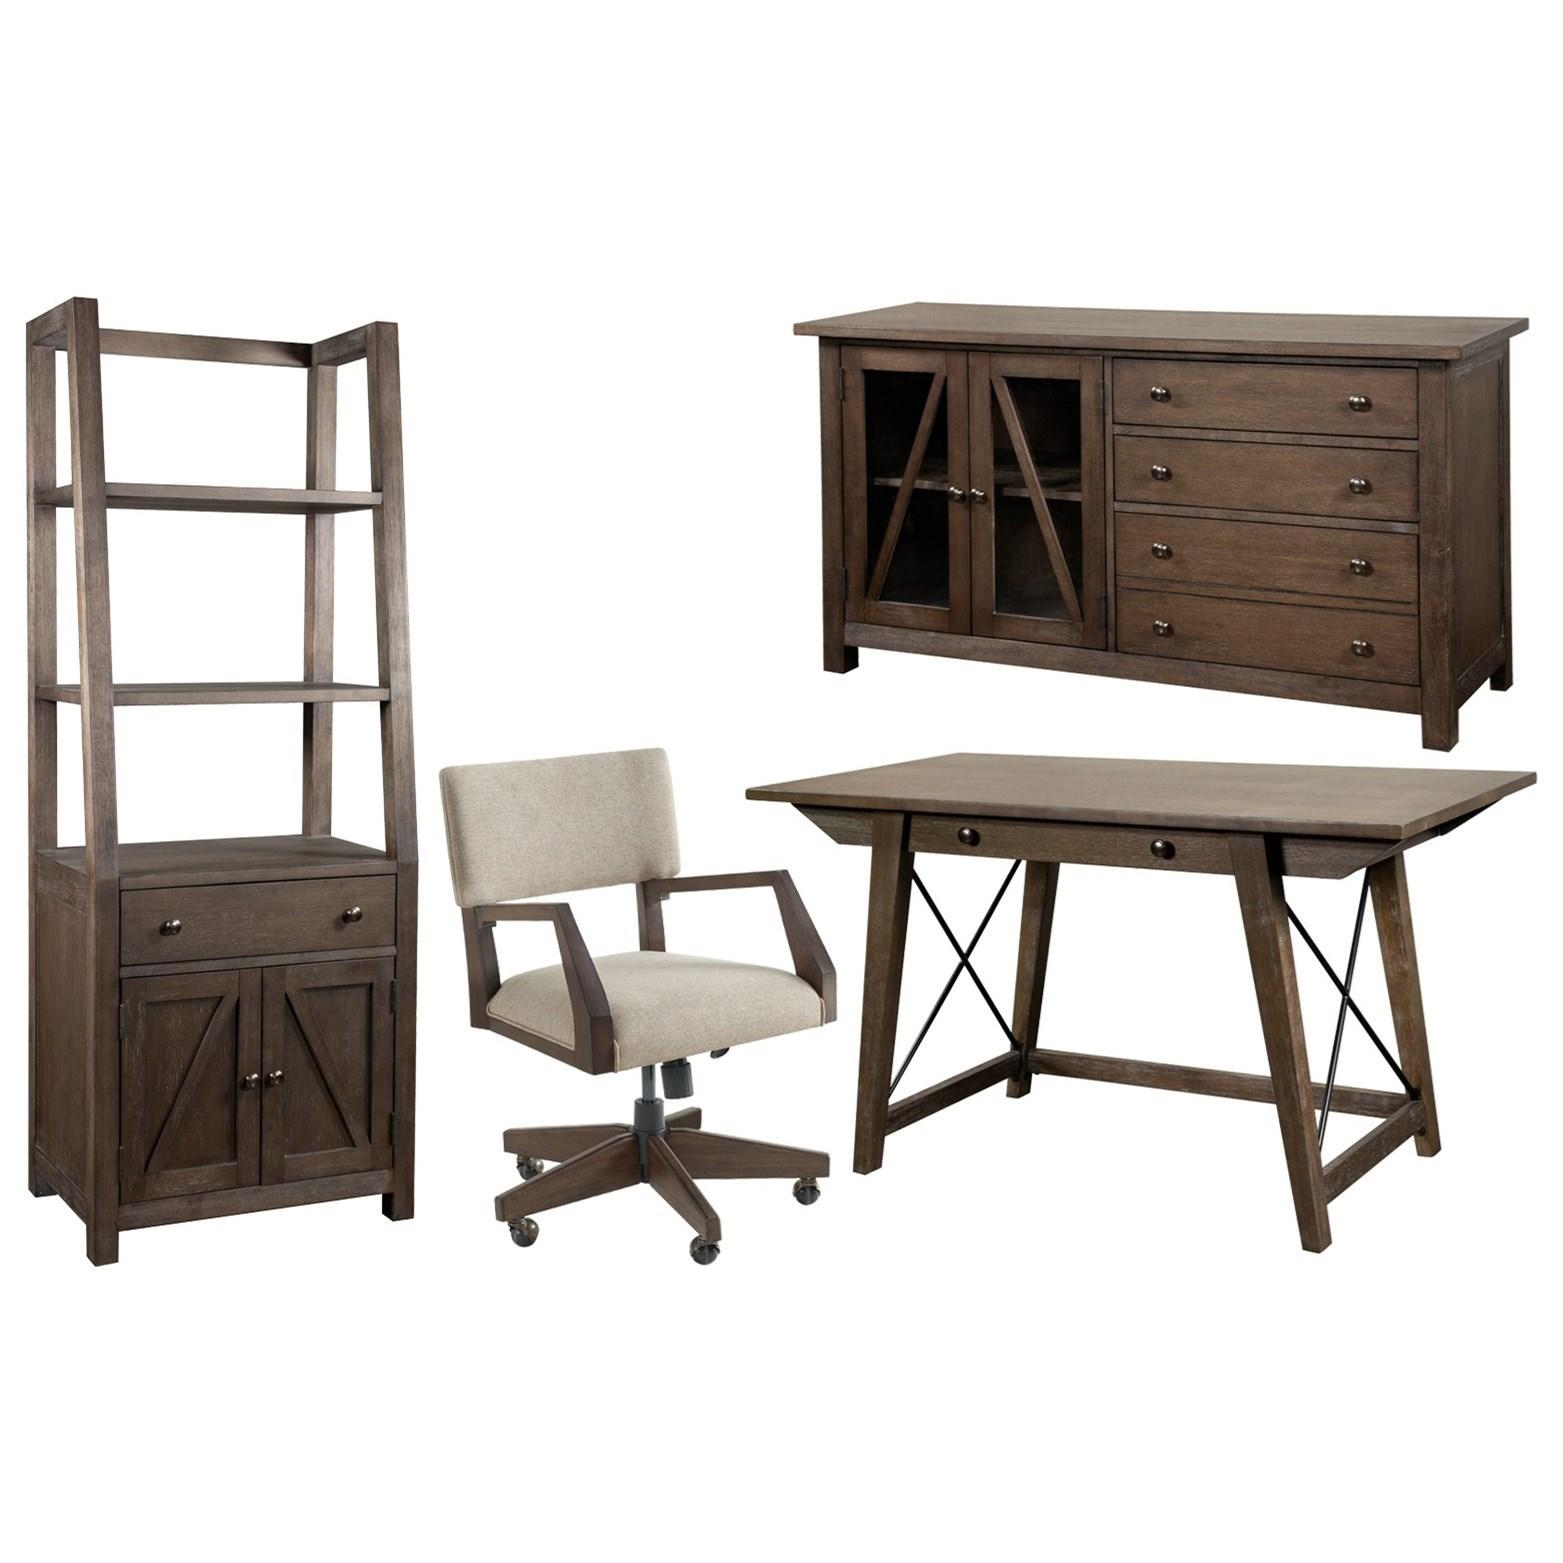 Riverside Furniture Sheffield Transitional Writing Desk With Drop Front Drawer Wayside Furniture Table Desks Writing Desks